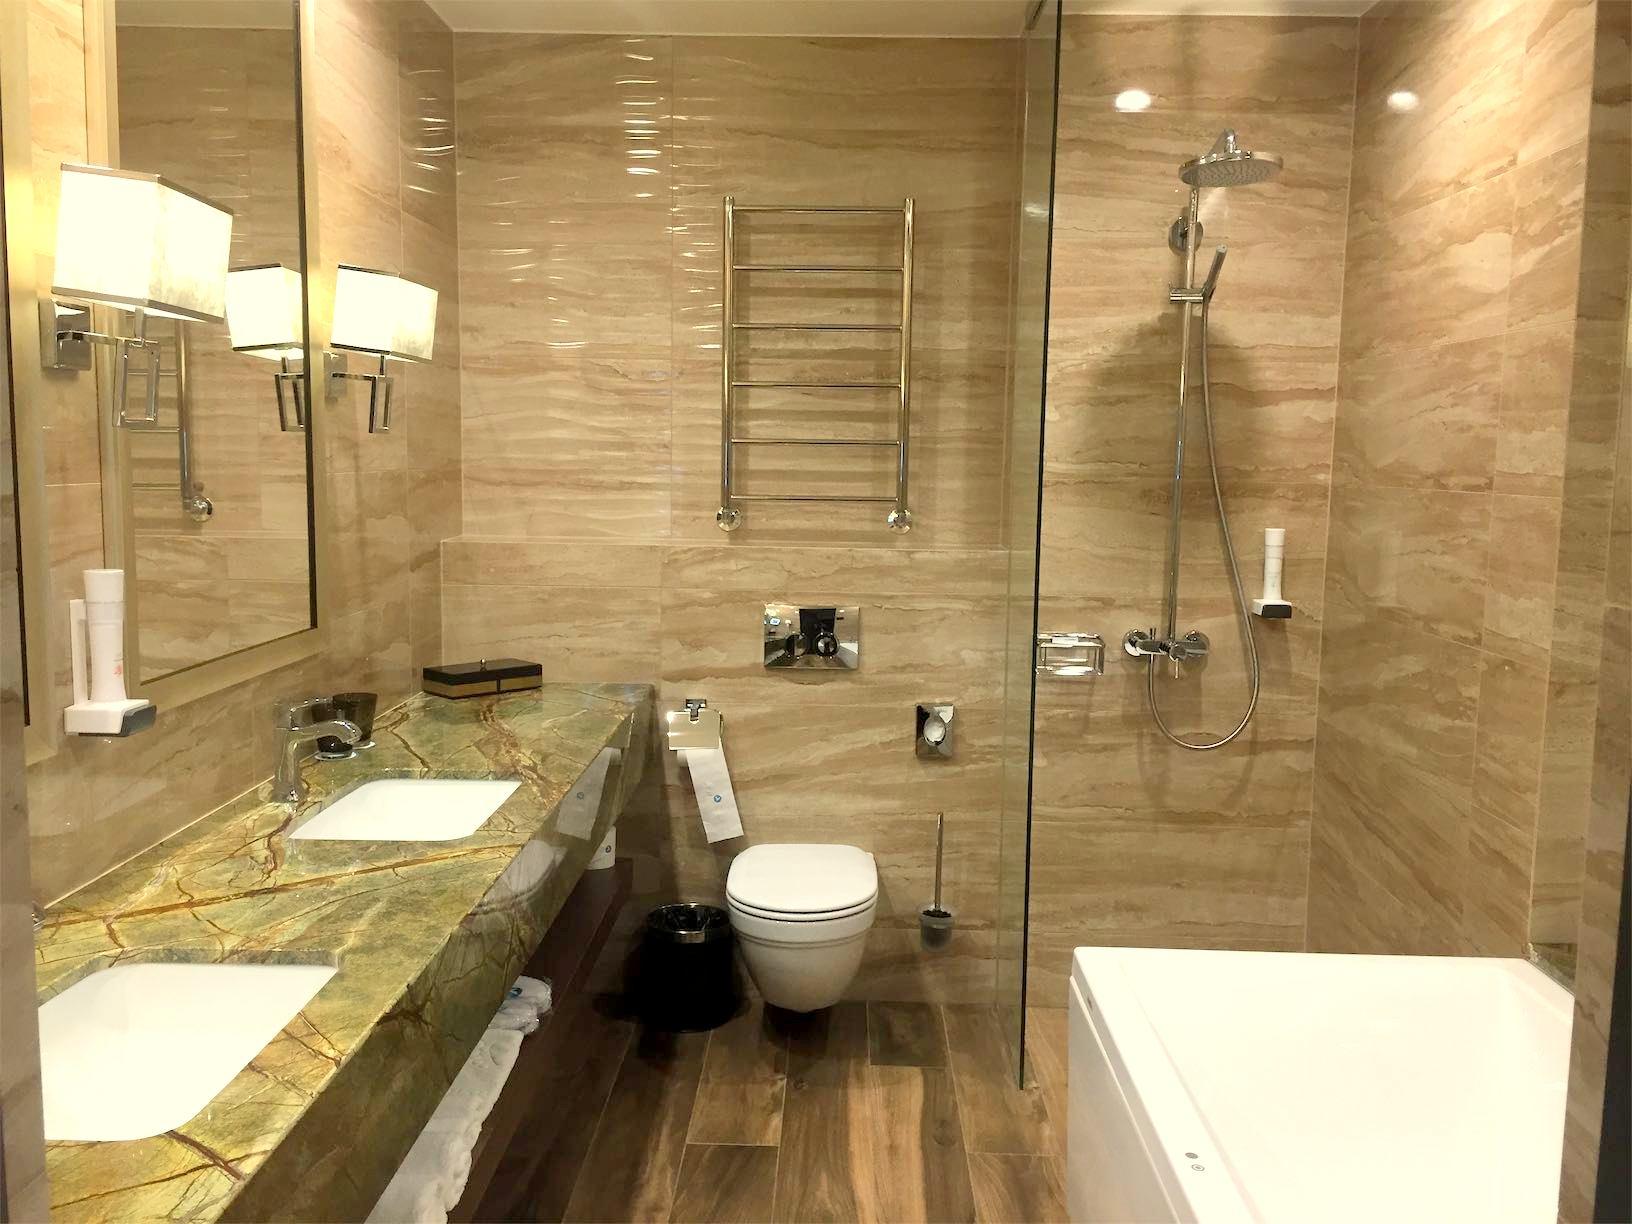 63d40a558d8 v spa spaahotell spa paketid hotelliveeb romantiline puhkus perepuhkus